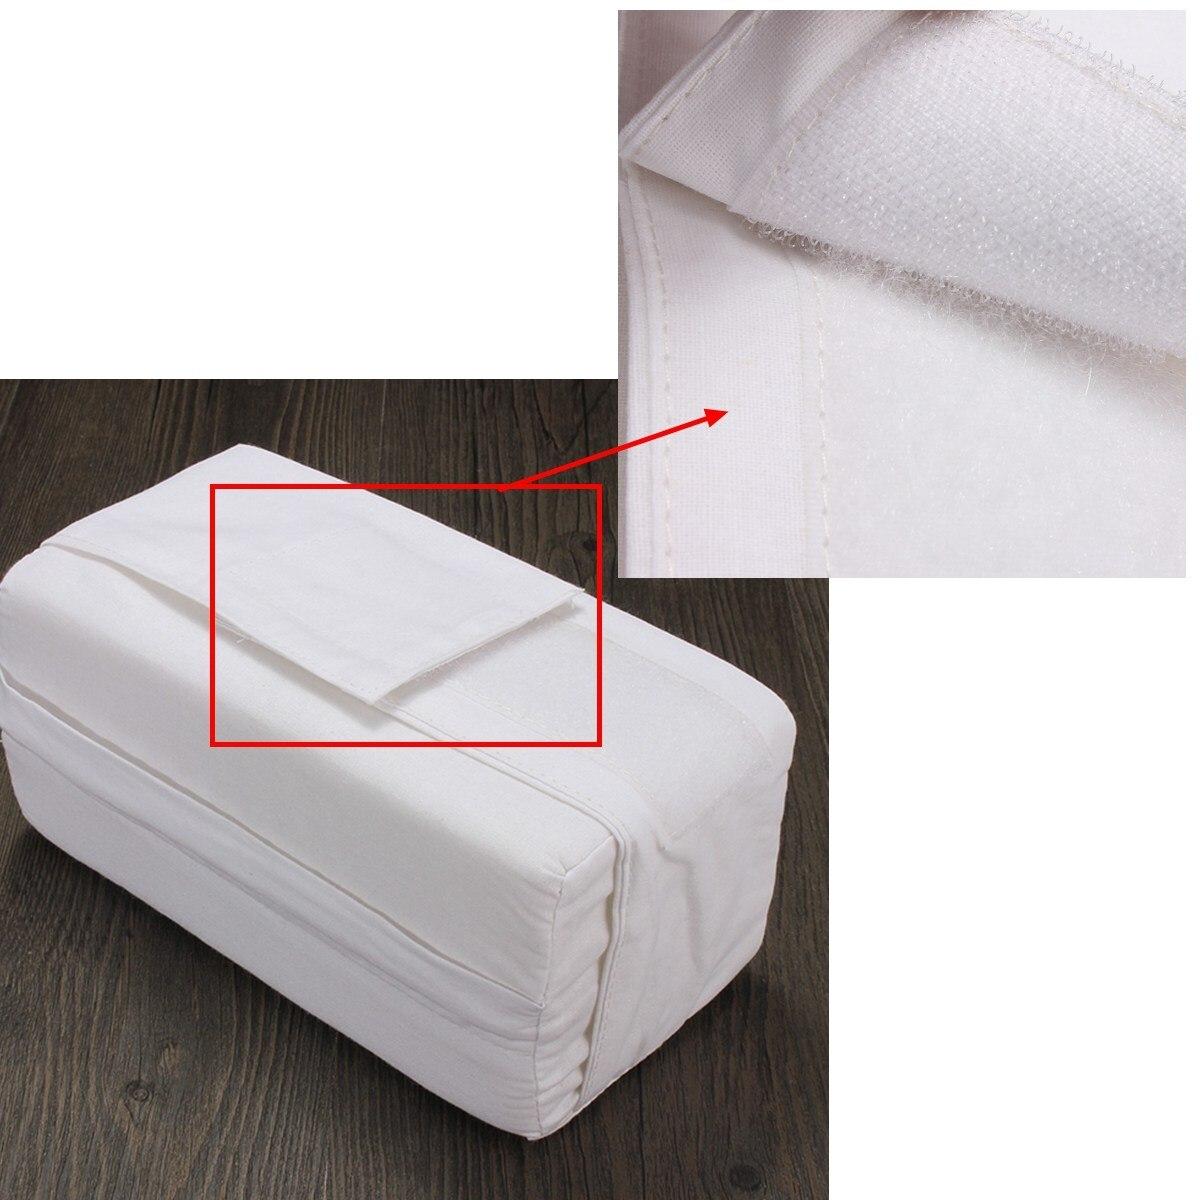 Колено легкость подушки Подушка Комфорт кровать Спящая помощи отдельными задняя нога боль Поддержка